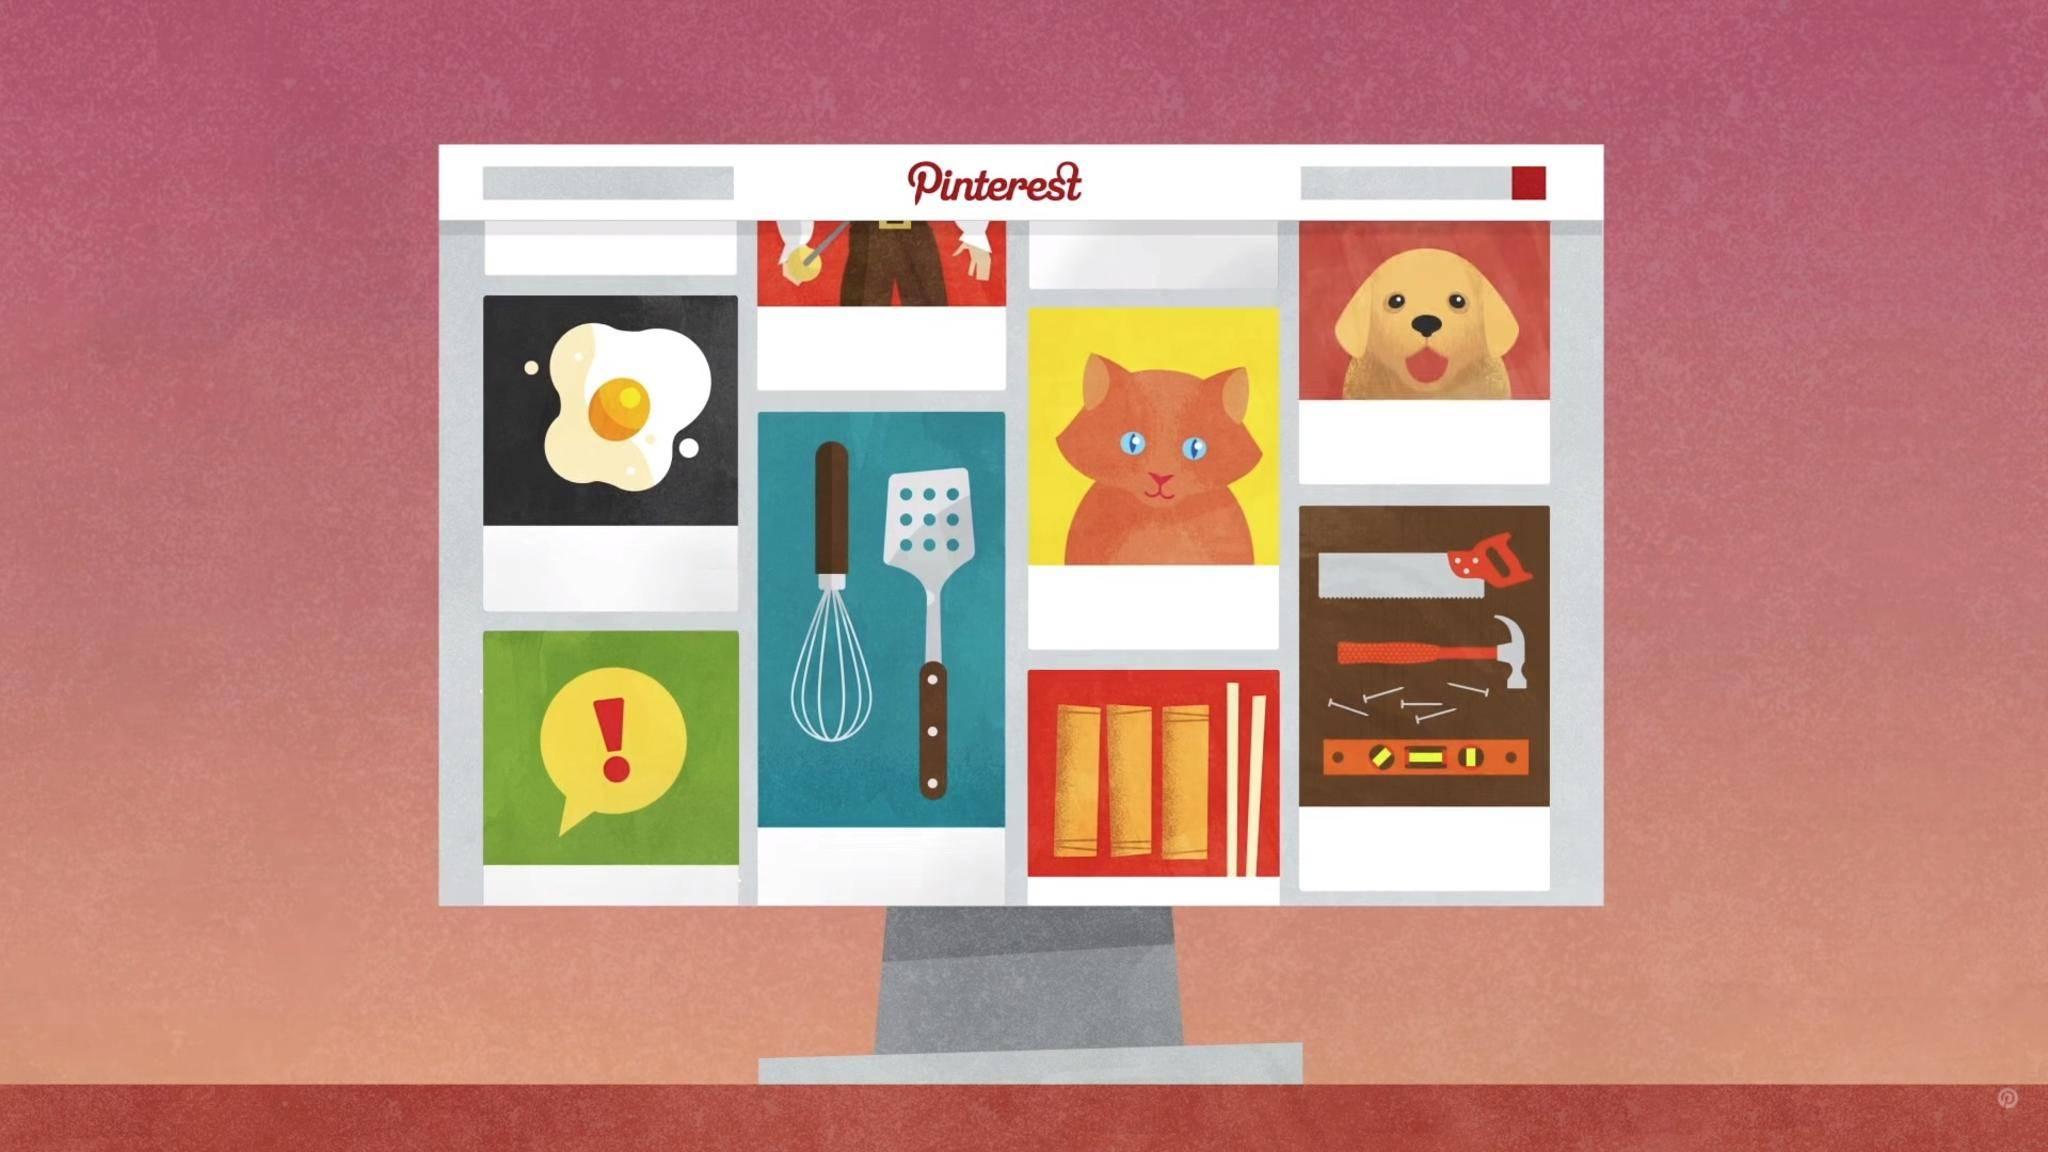 Können Pinterest-Fotos ohne Anmeldung betrachtet werden?